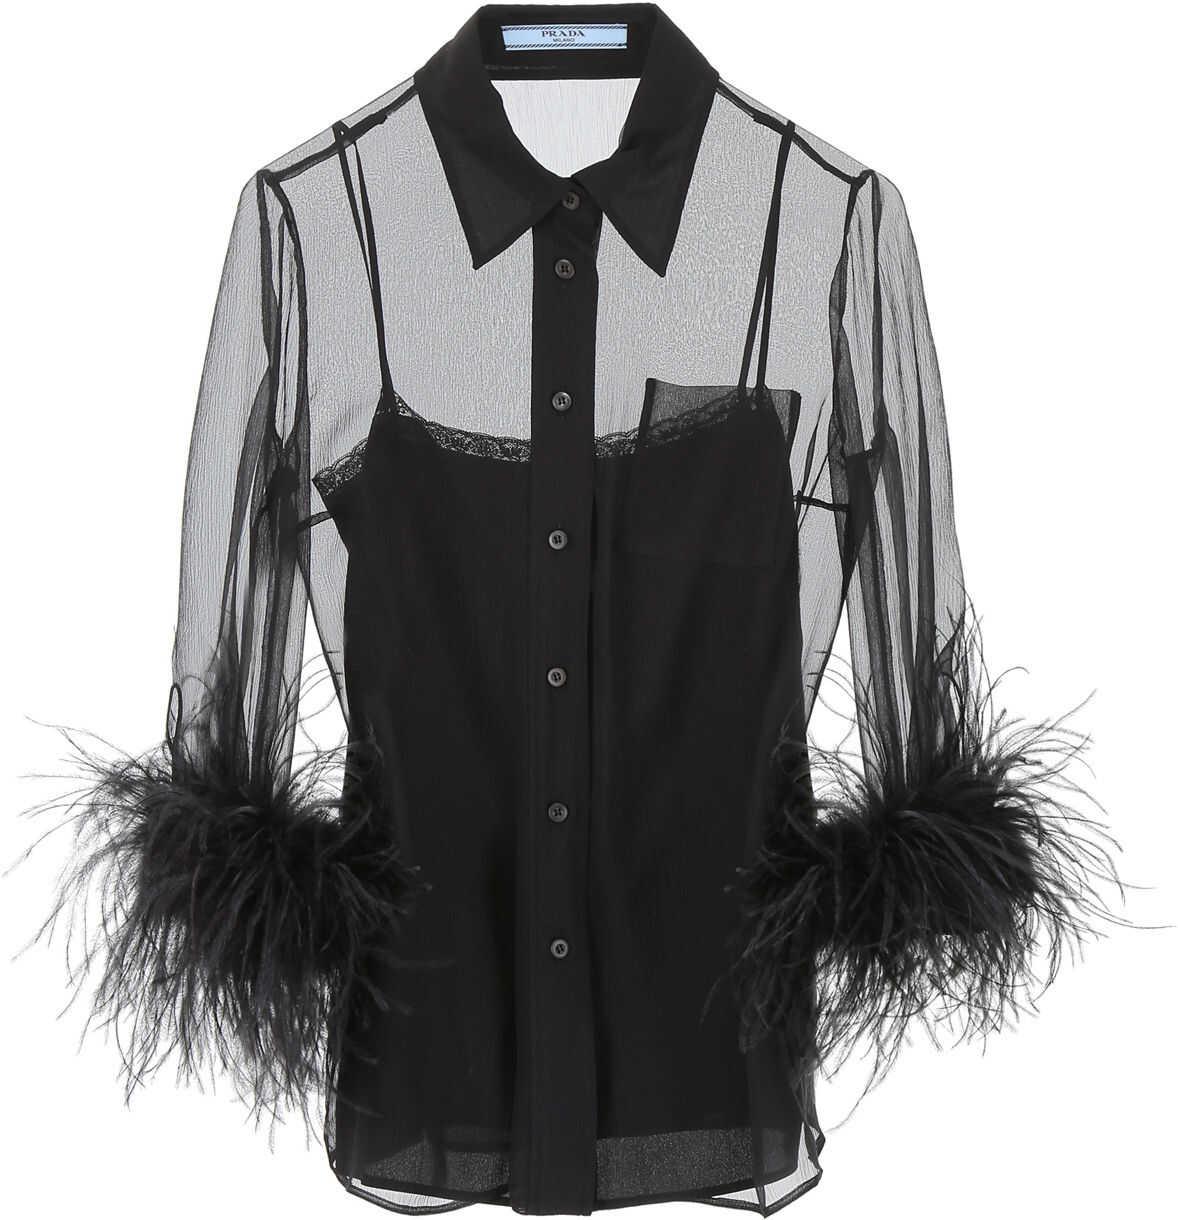 Prada Shirt With Feathers NERO NERO